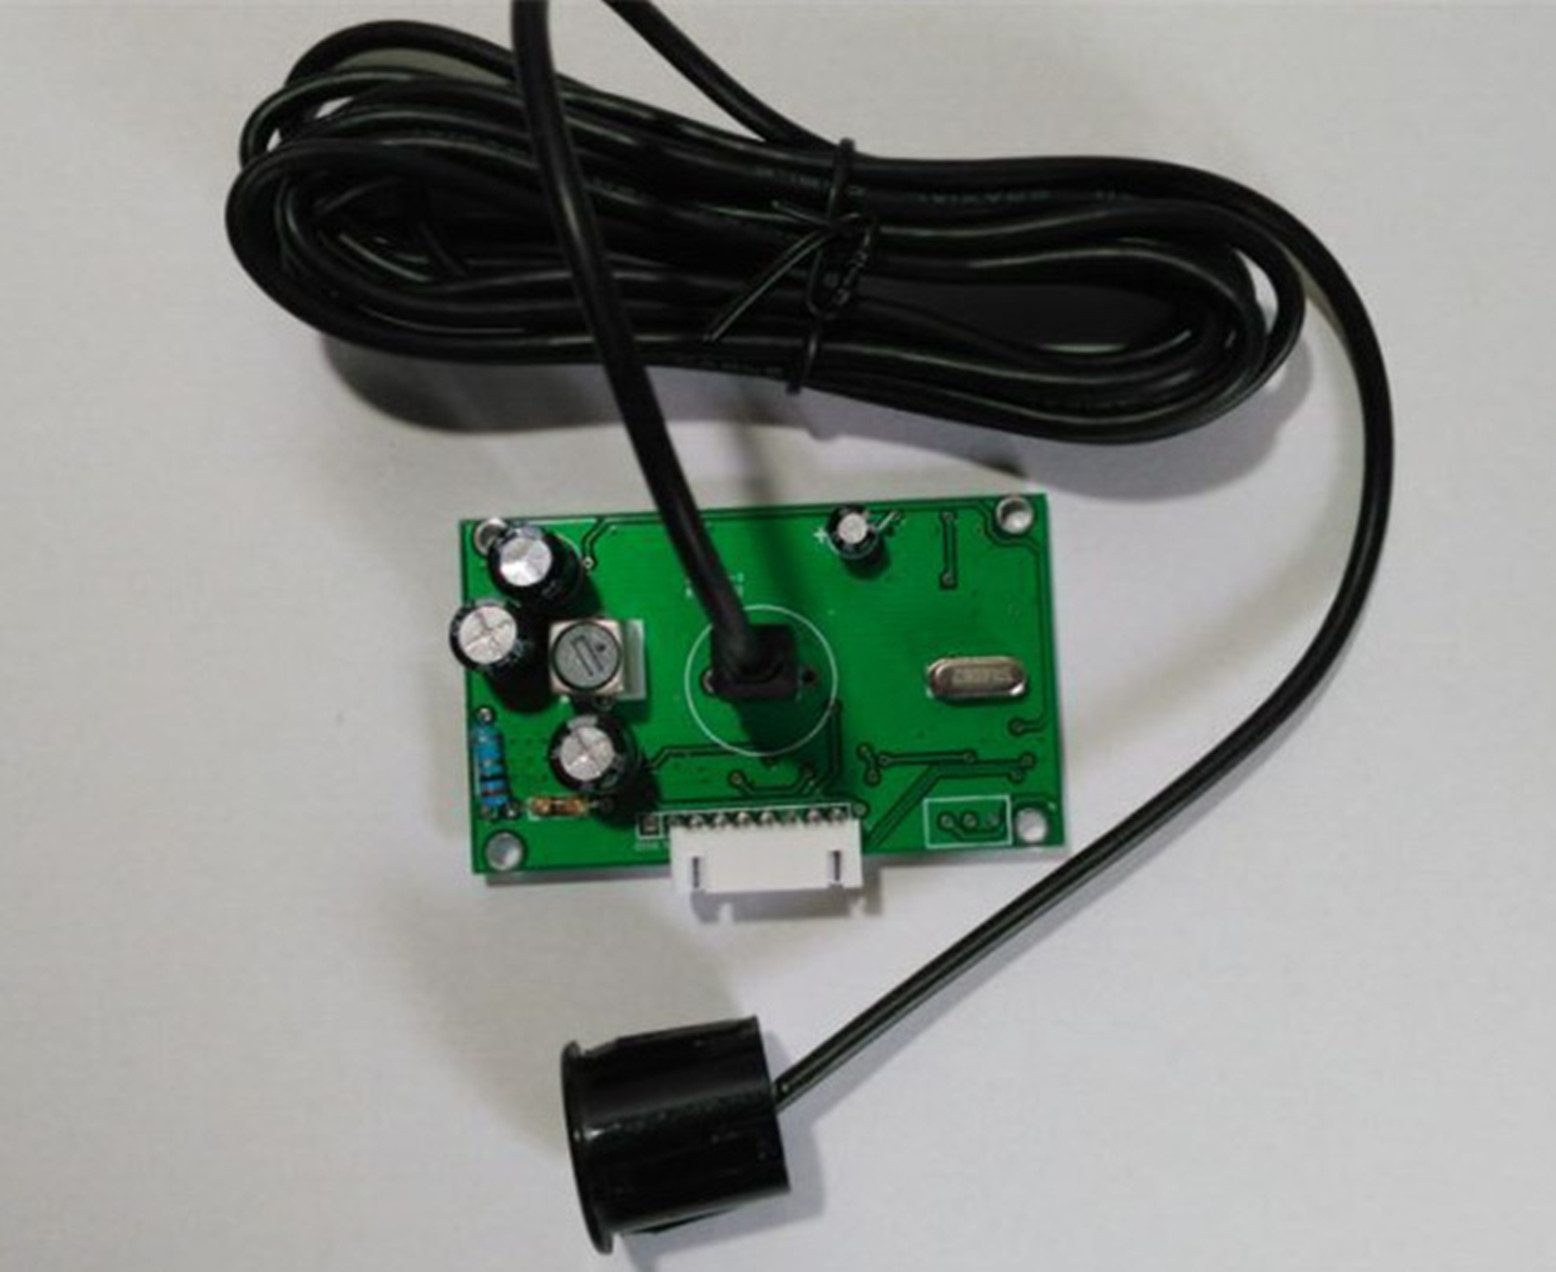 48KHz Waterproof Ultrasonic Ranging Module / Sensor48KHz Waterproof Ultrasonic Ranging Module / Sensor